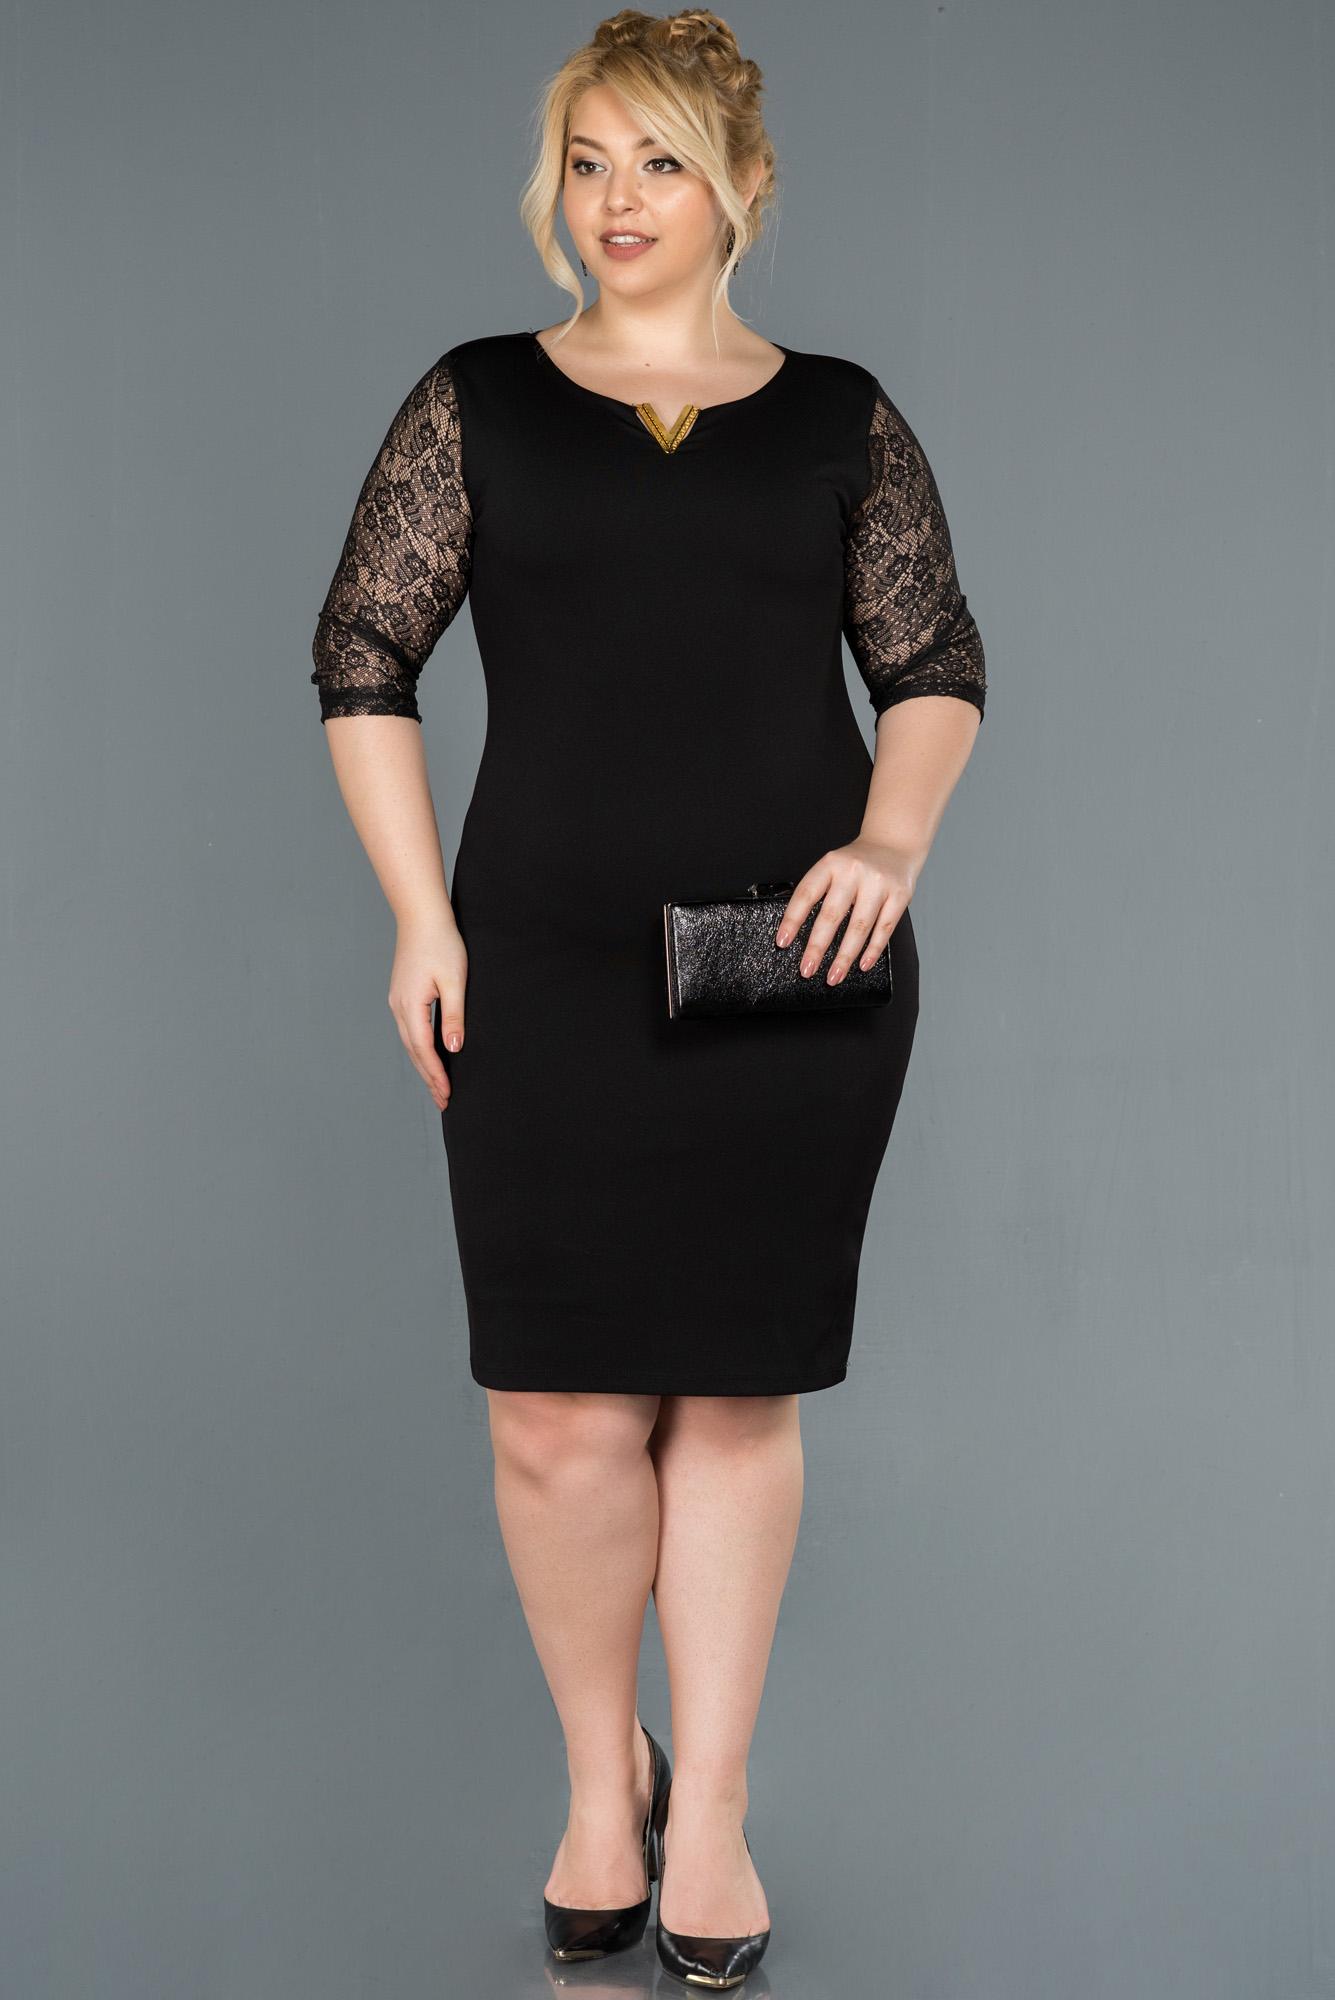 Kısa Siyah Işlemeli Büyük Beden Elbise